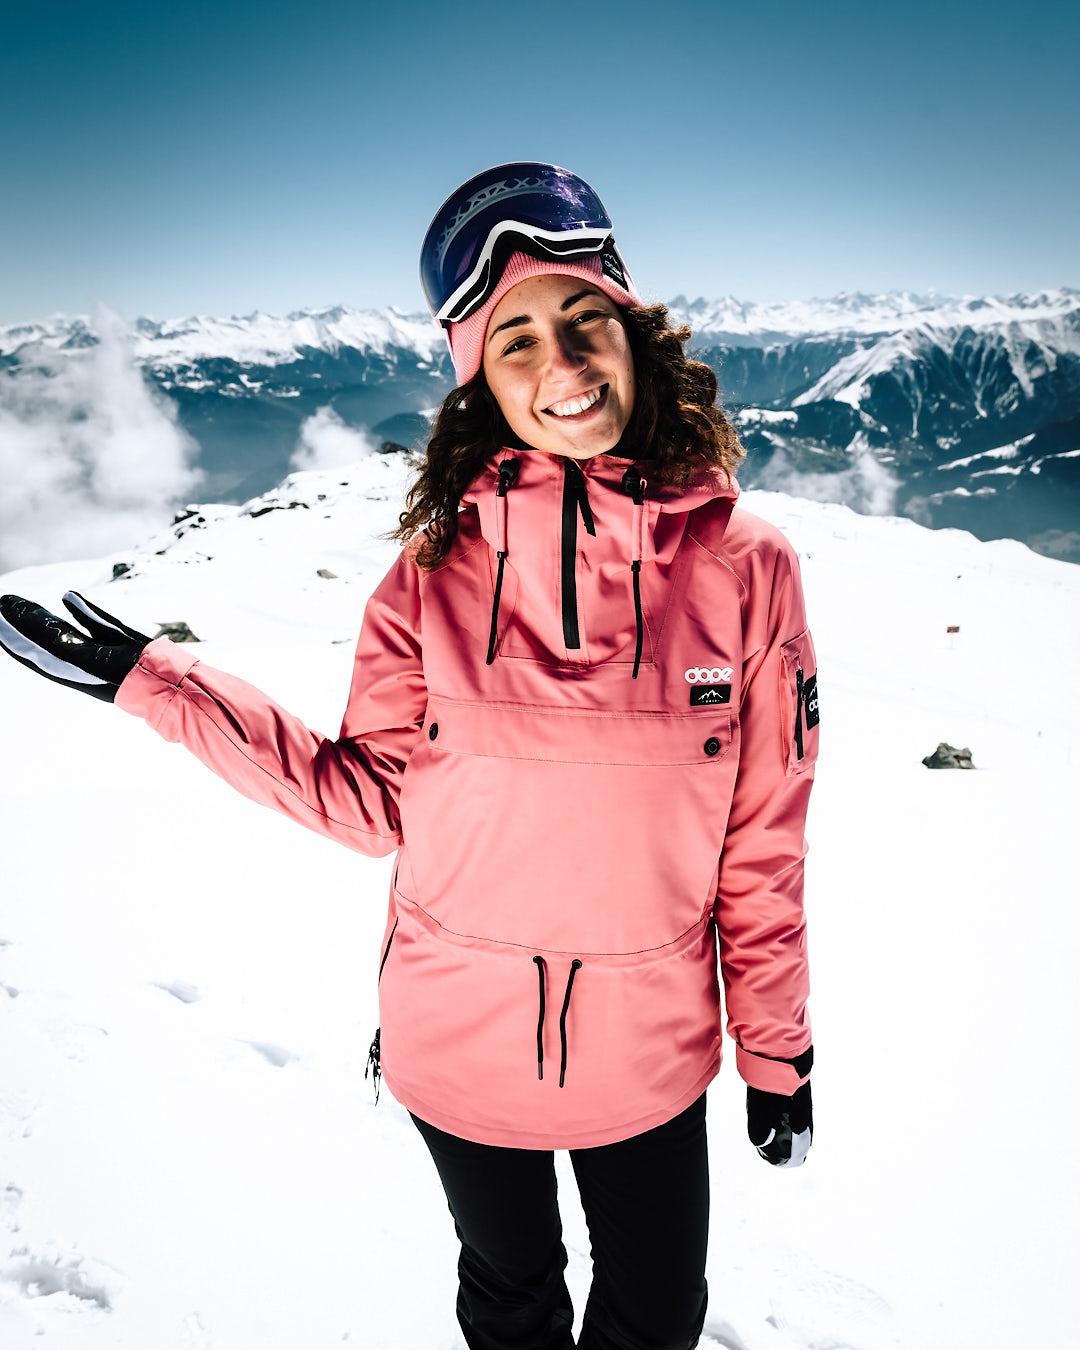 Annok W | Achète des Veste de Snowboard de chez Dope sur Ridestore.fr | Bien-sûr, les frais de ports sont offerts et les retours gratuits pendant 30 jours !